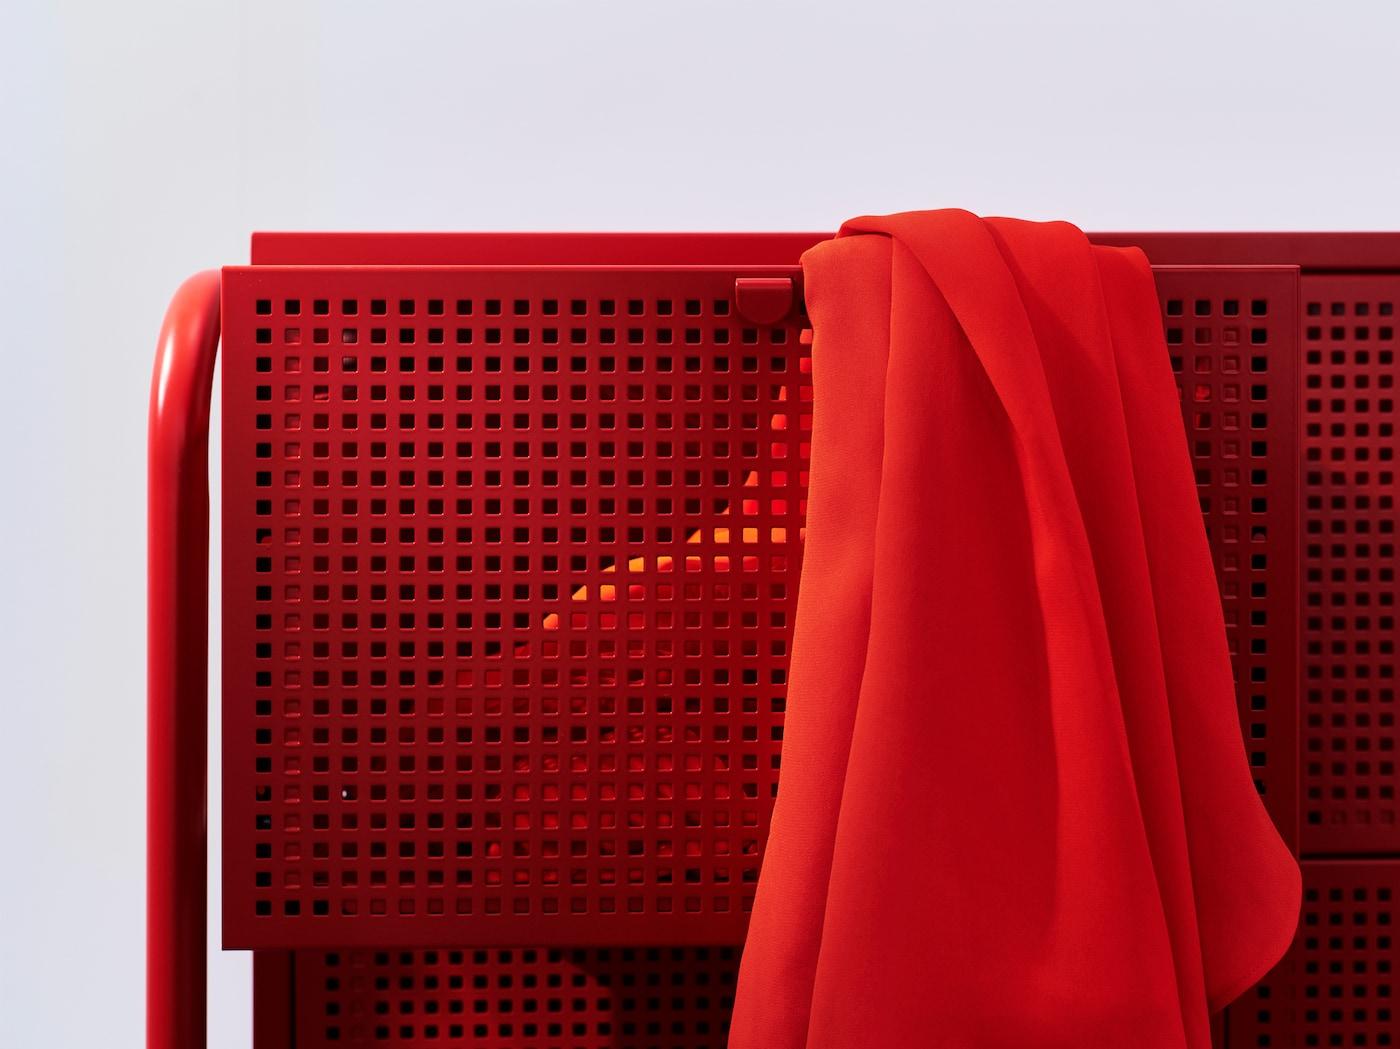 Detalle de la cómoda NIKKEBY roja de estilo industrial en metal perforado.